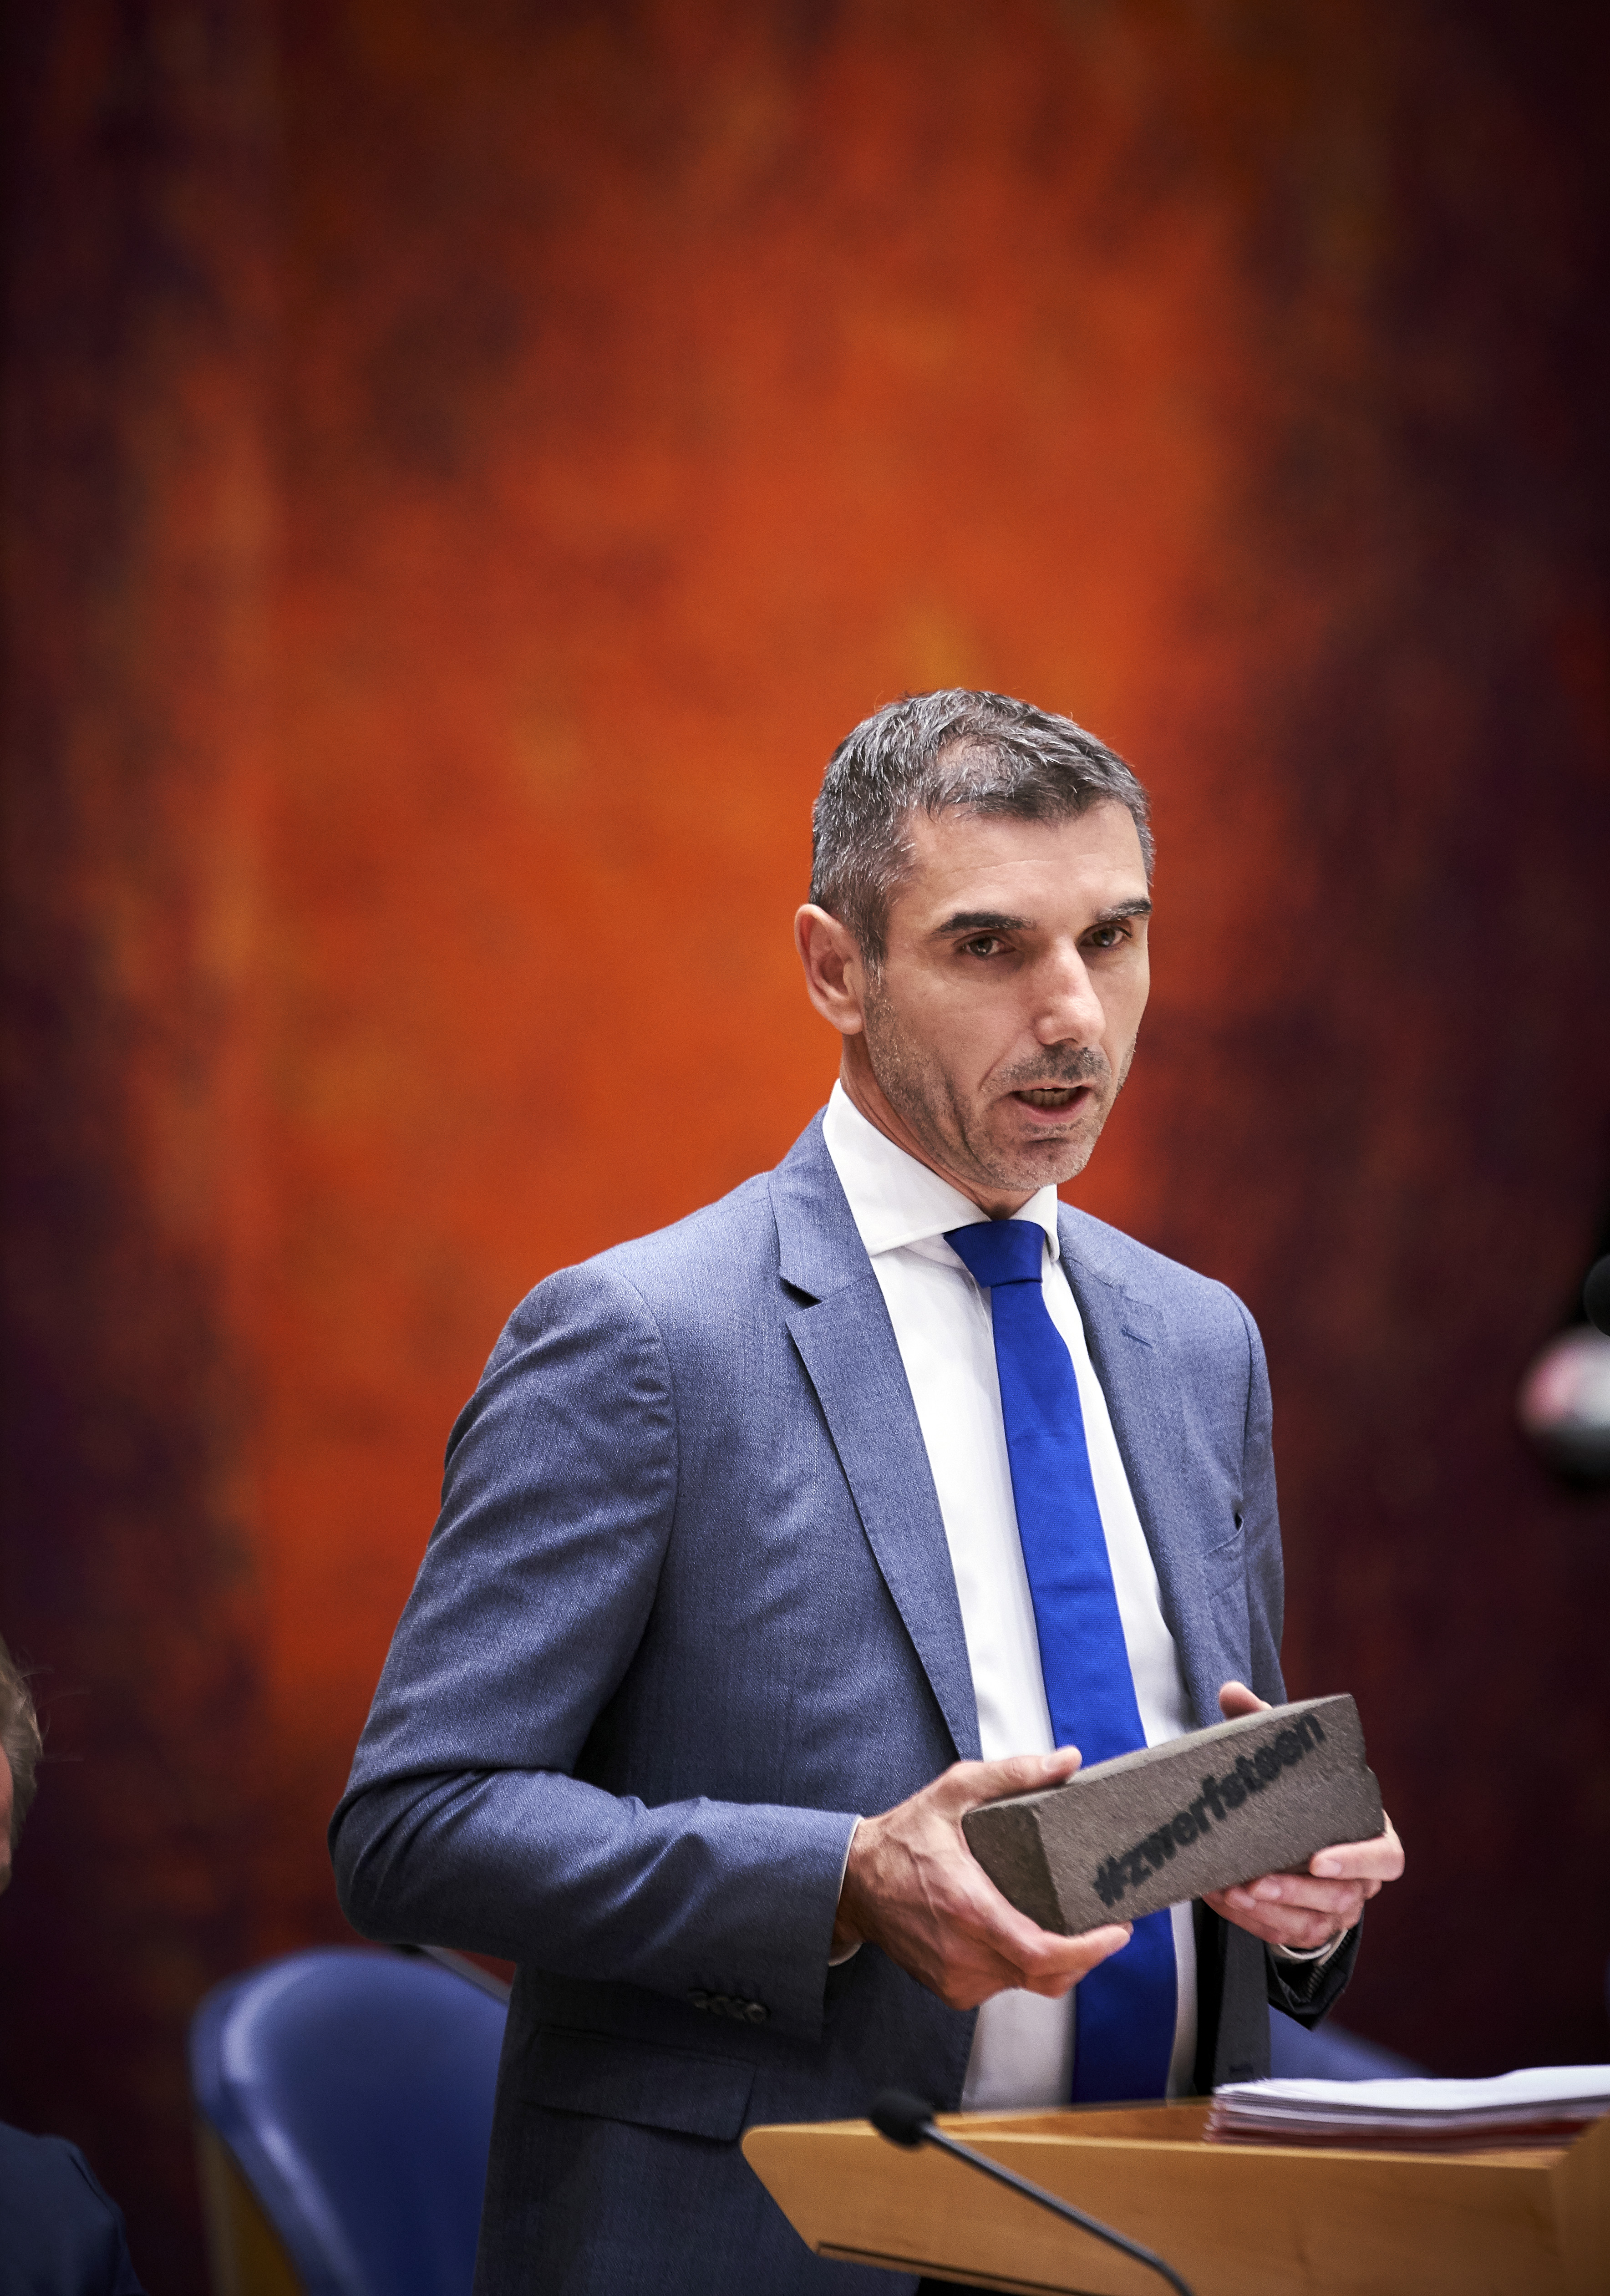 Staatssecretaris Blokhuis: 'Nu is het tijd om de bekende knelpunten op te lossen'